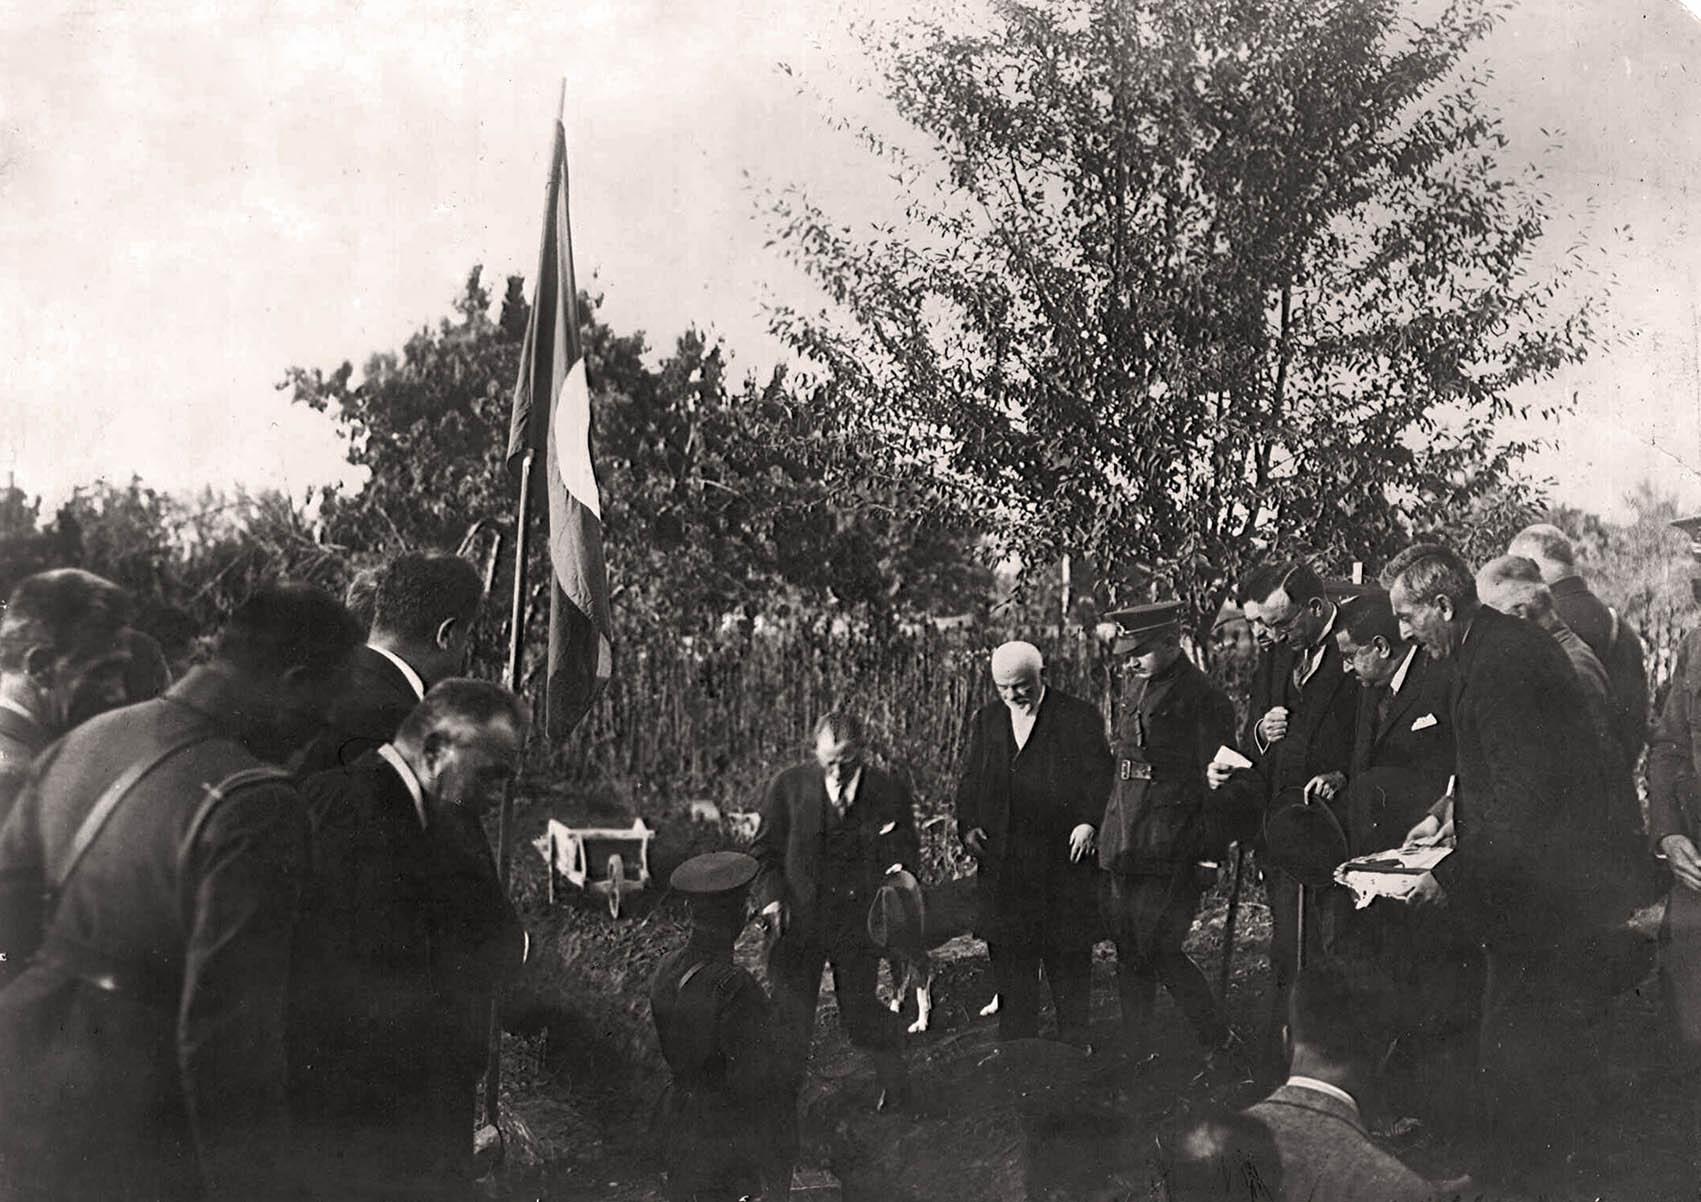 Atatürk, Bursa İpekiş Fabrikası'nın temelini atıyor, 1 Ekim 1925 (İpekiş Fabrikası Arşivi)..